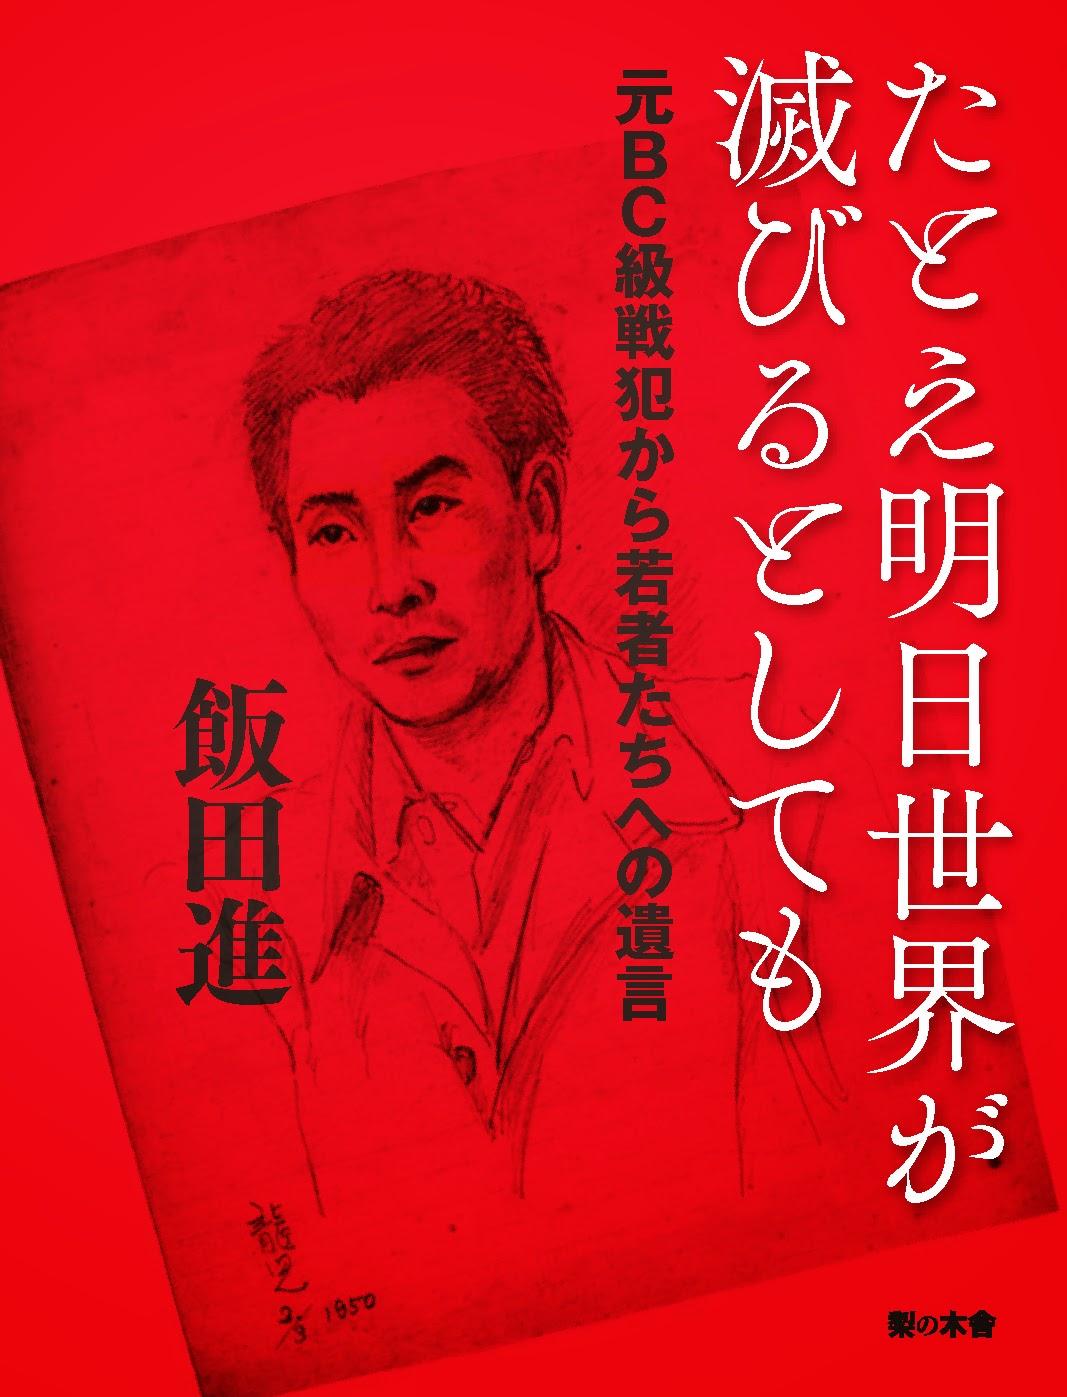 http://www.hanmoto.com/bd/isbn978-4-8166-1404-0.html